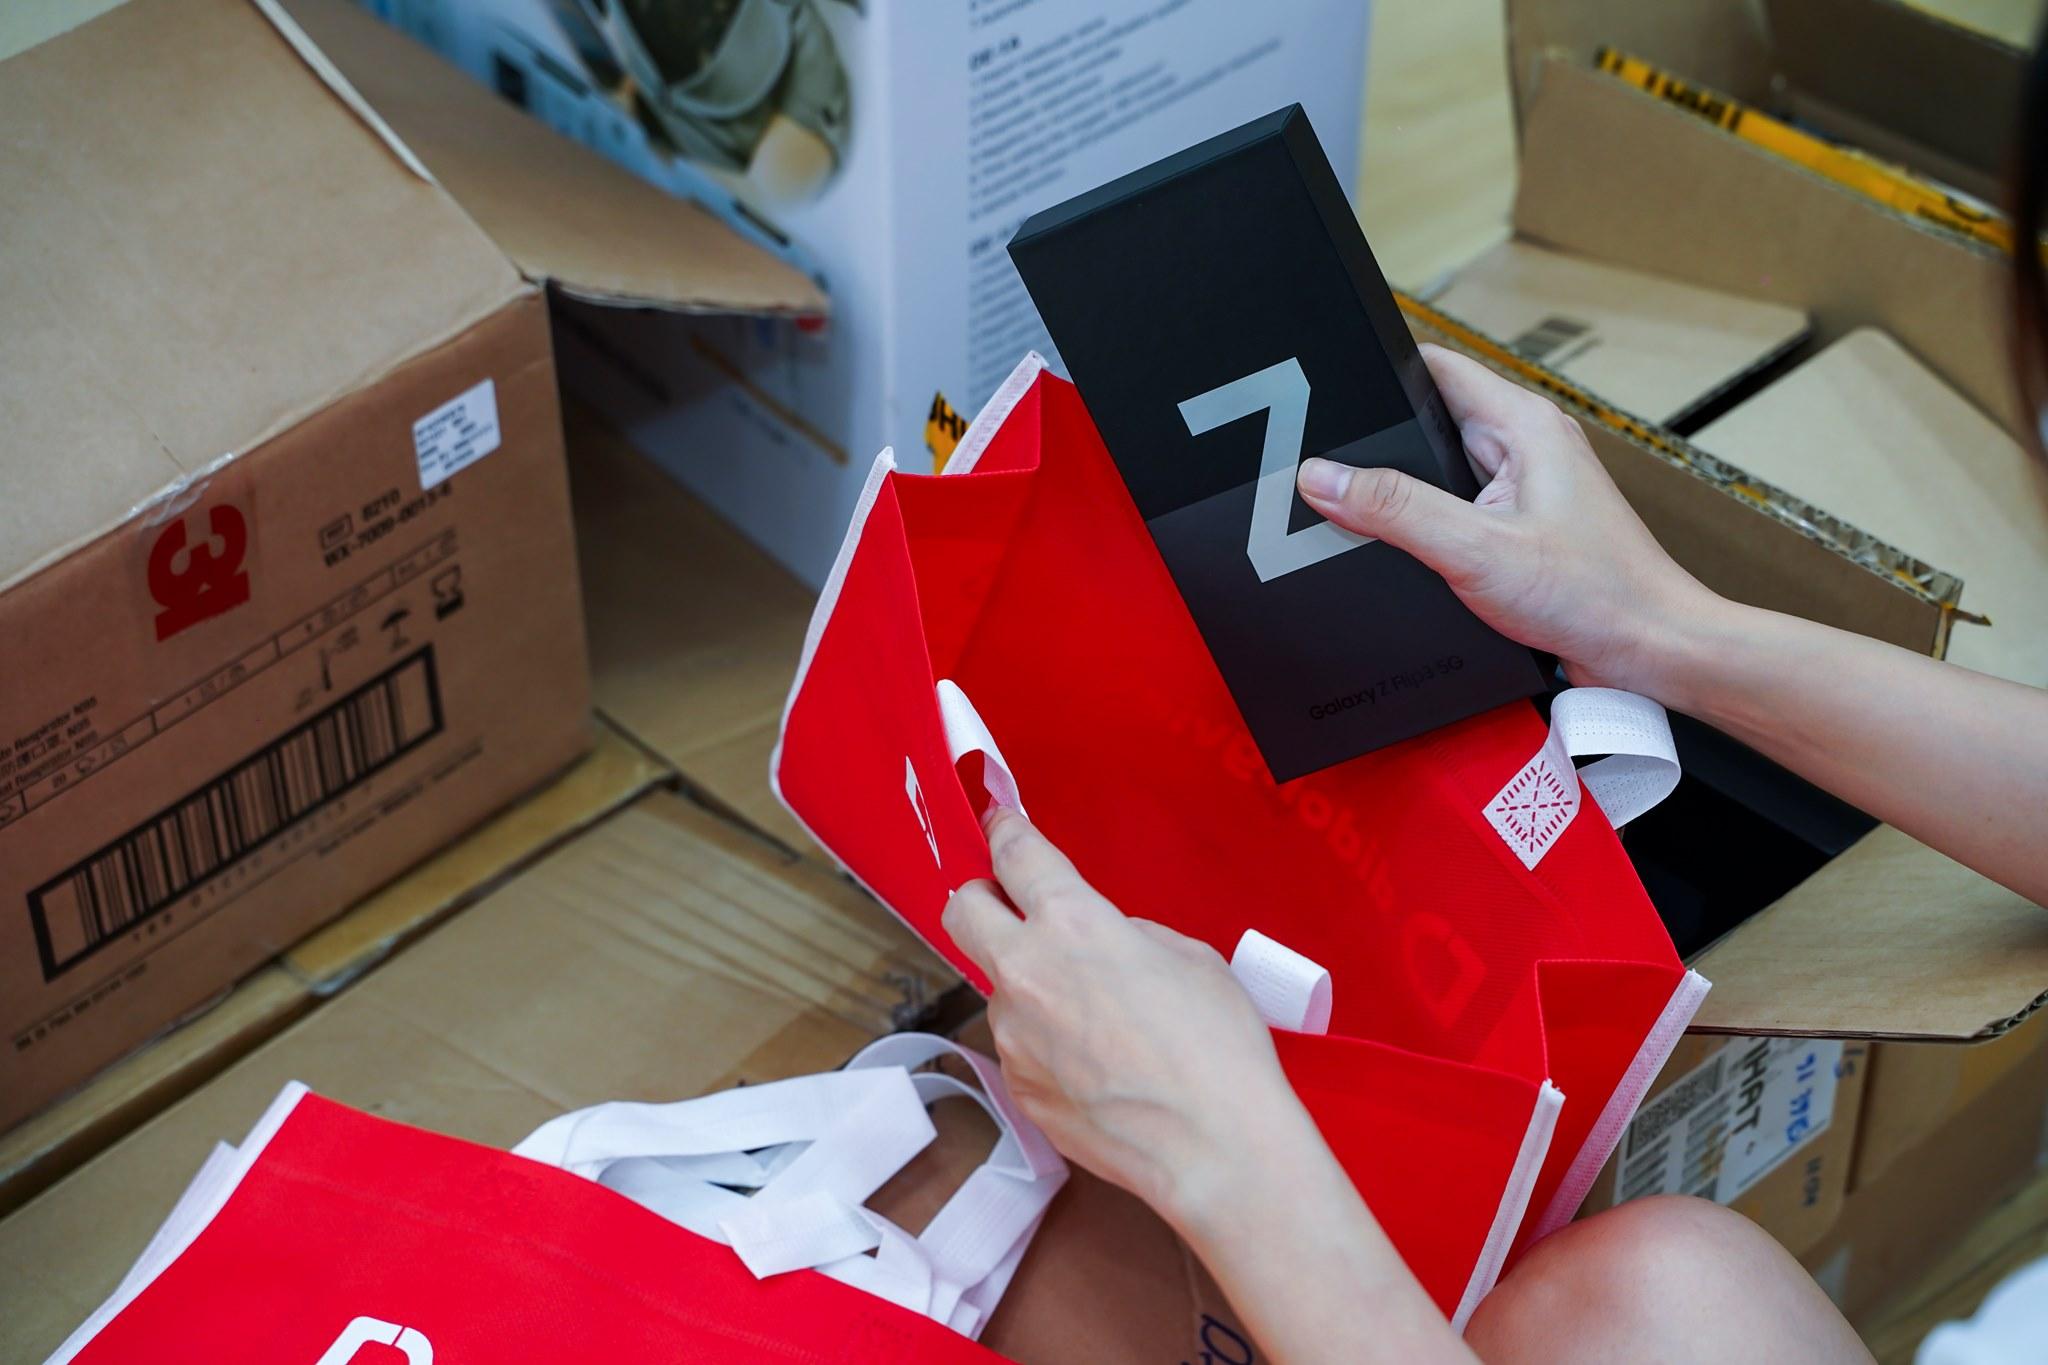 Bán sạch hàng, Samsung giao siêu phẩm Galaxy Z đến tay khách trong không khí hào hứng chưa từng có - Ảnh 7.